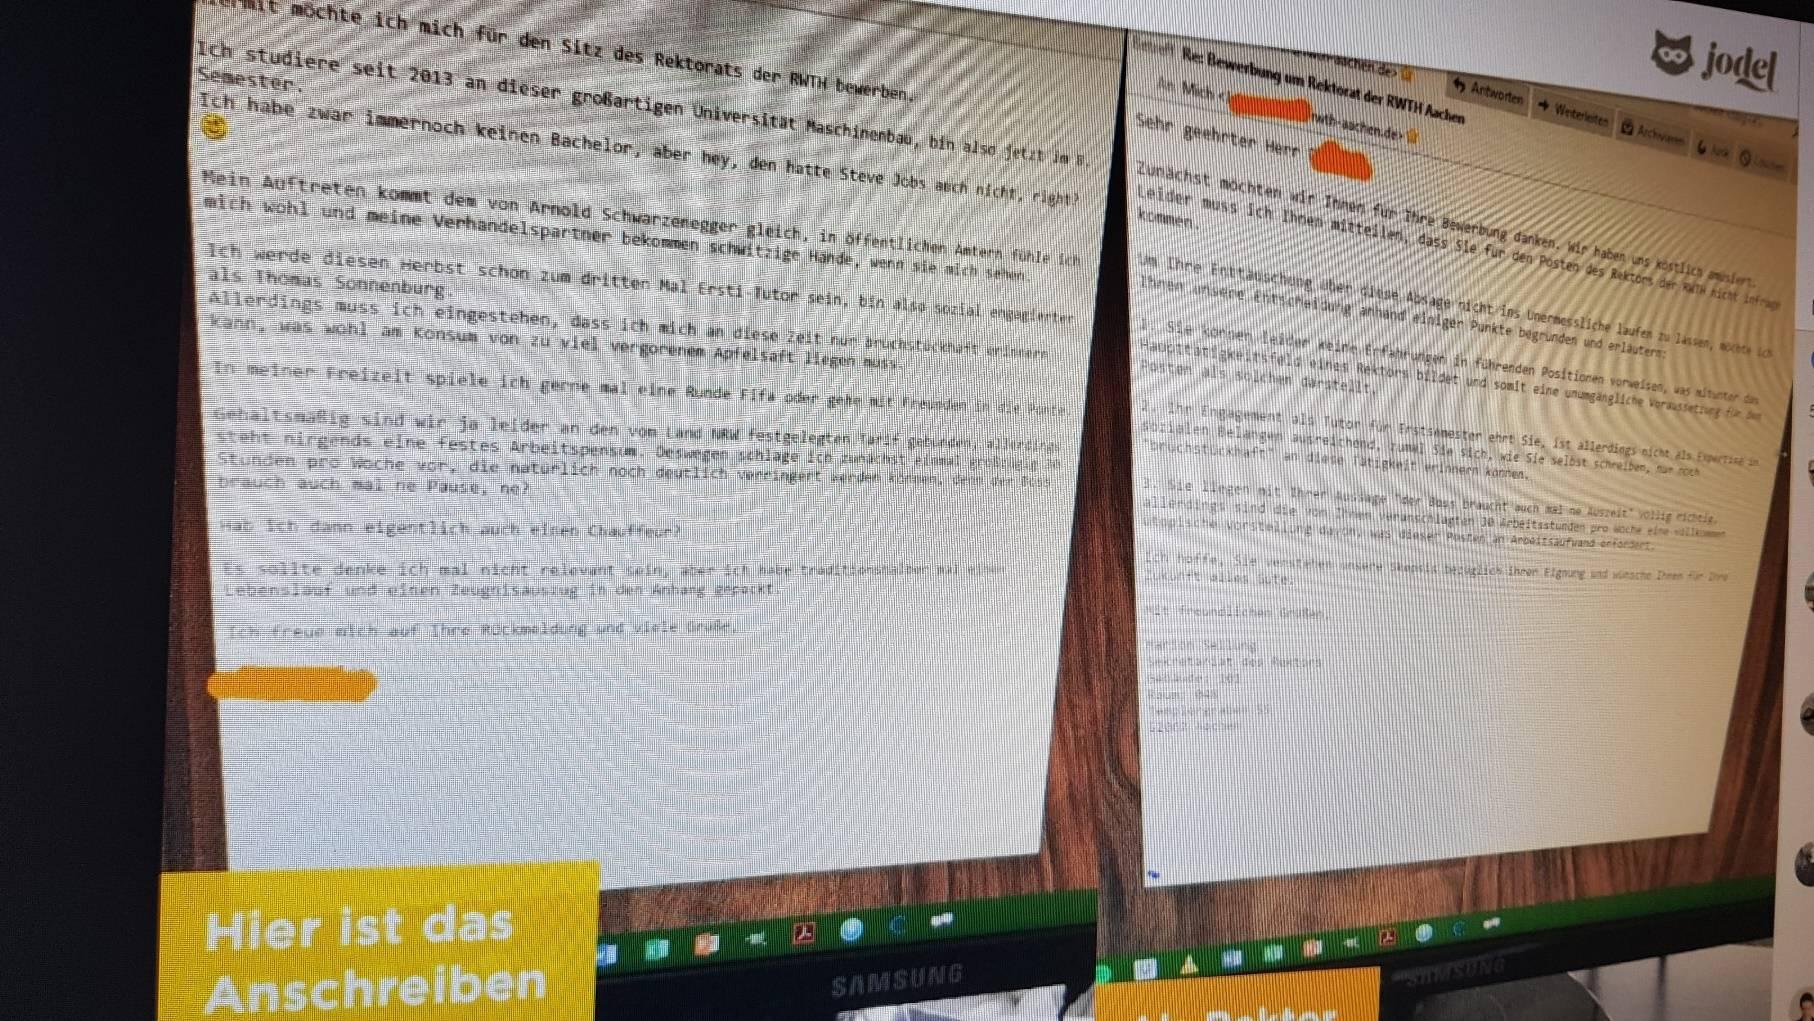 Aachen Student Will Rwth Rektor Werden Fake